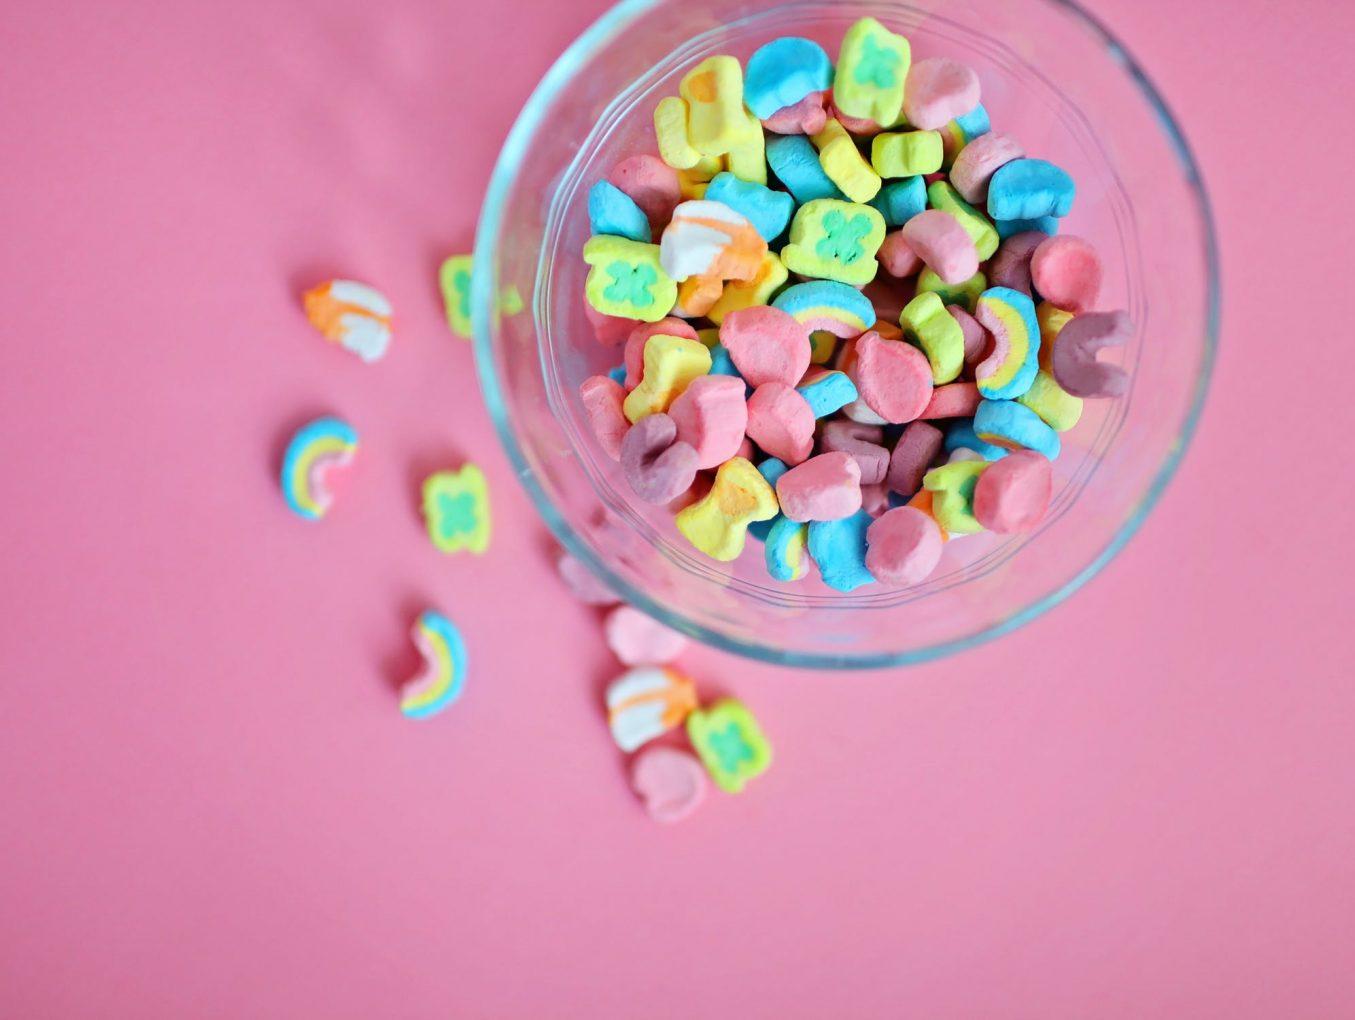 解構營養標籤 別墮入低糖陷阱